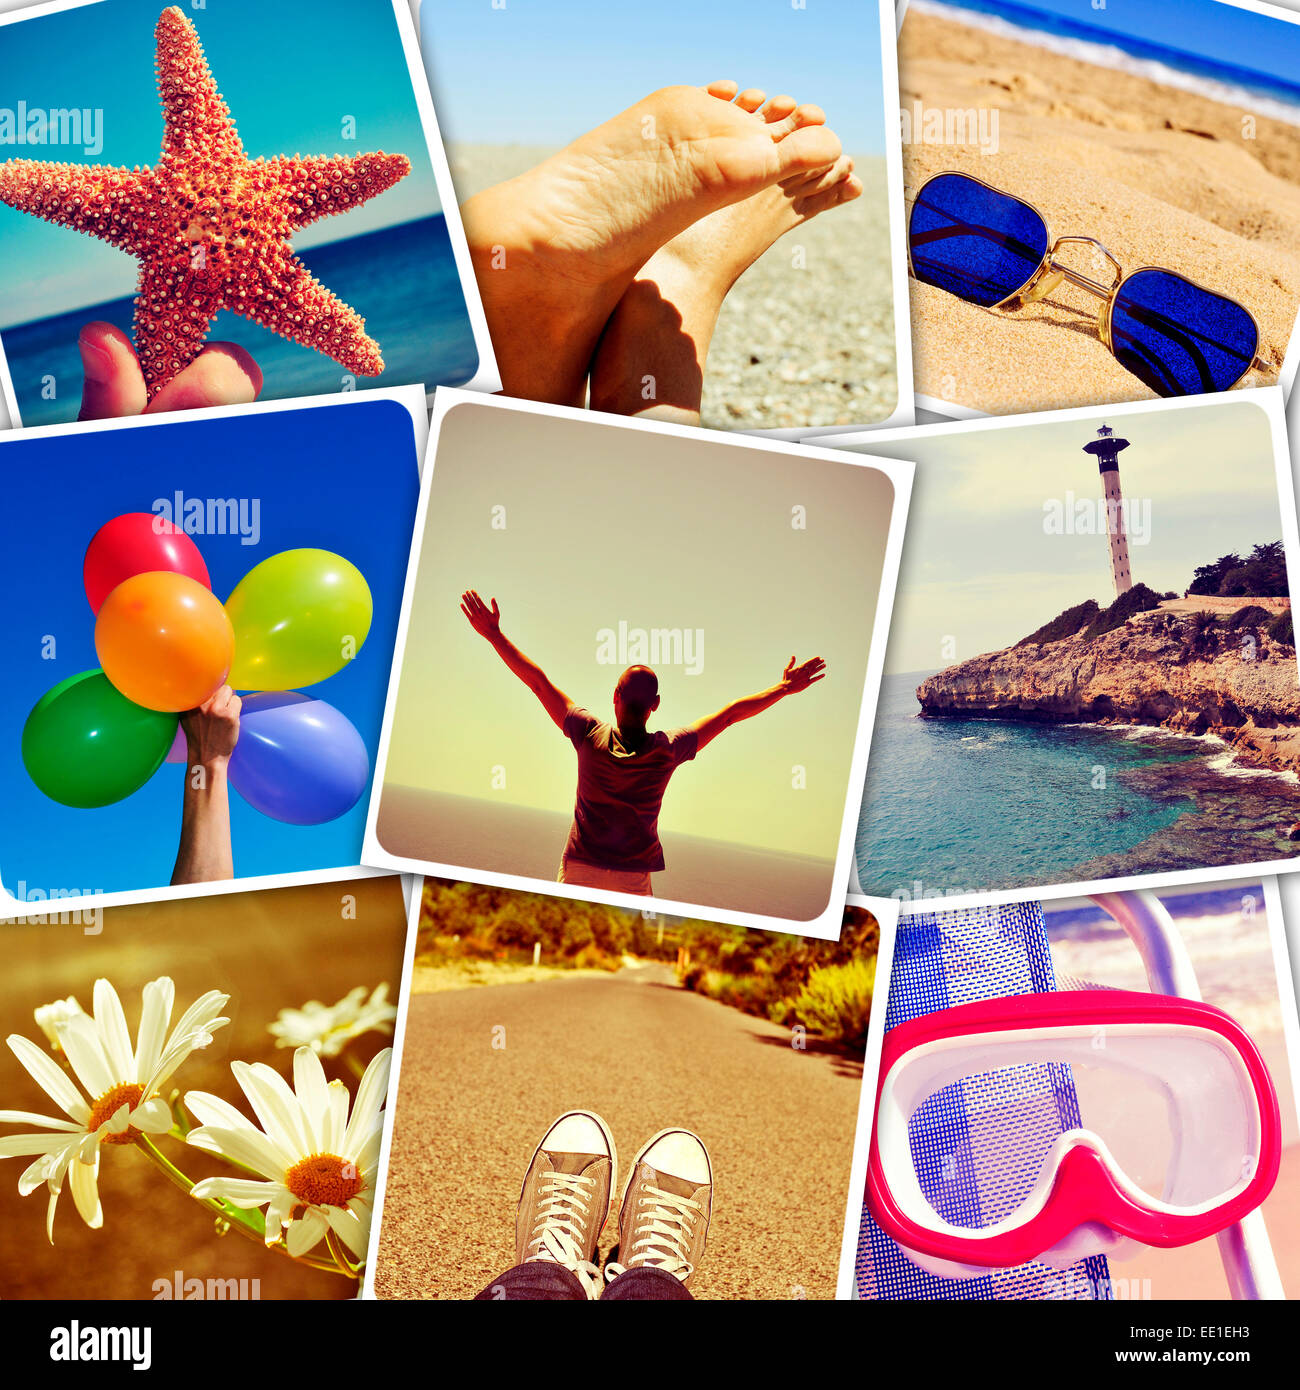 Mosaico con imágenes de verano, baleado por mí, simulando una pared de instantáneas subidos a servicios Imagen De Stock